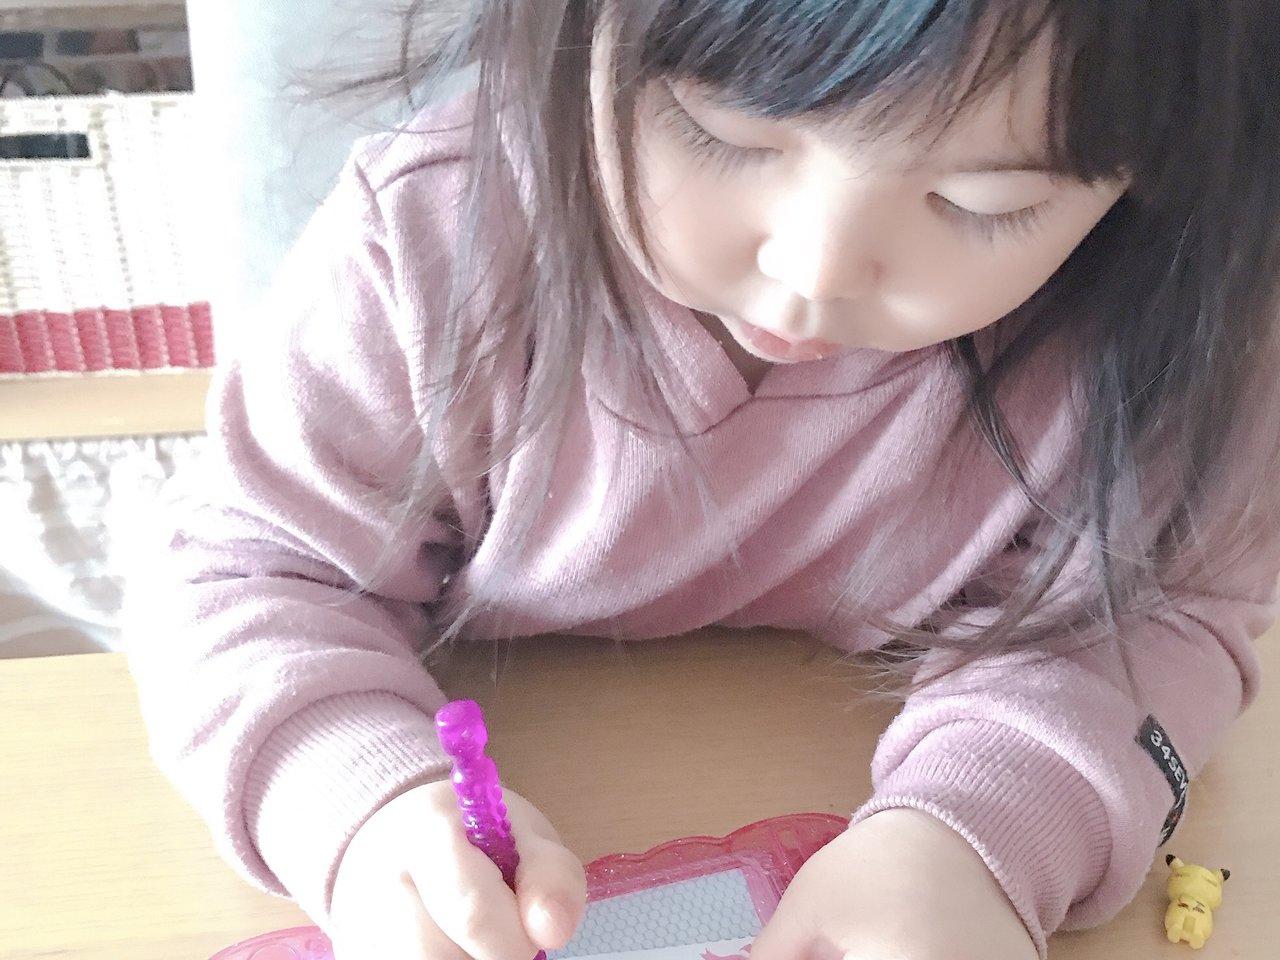 入園直後に訪れた幼稚園休園。3歳娘の心と体の安定を考えるママの日常